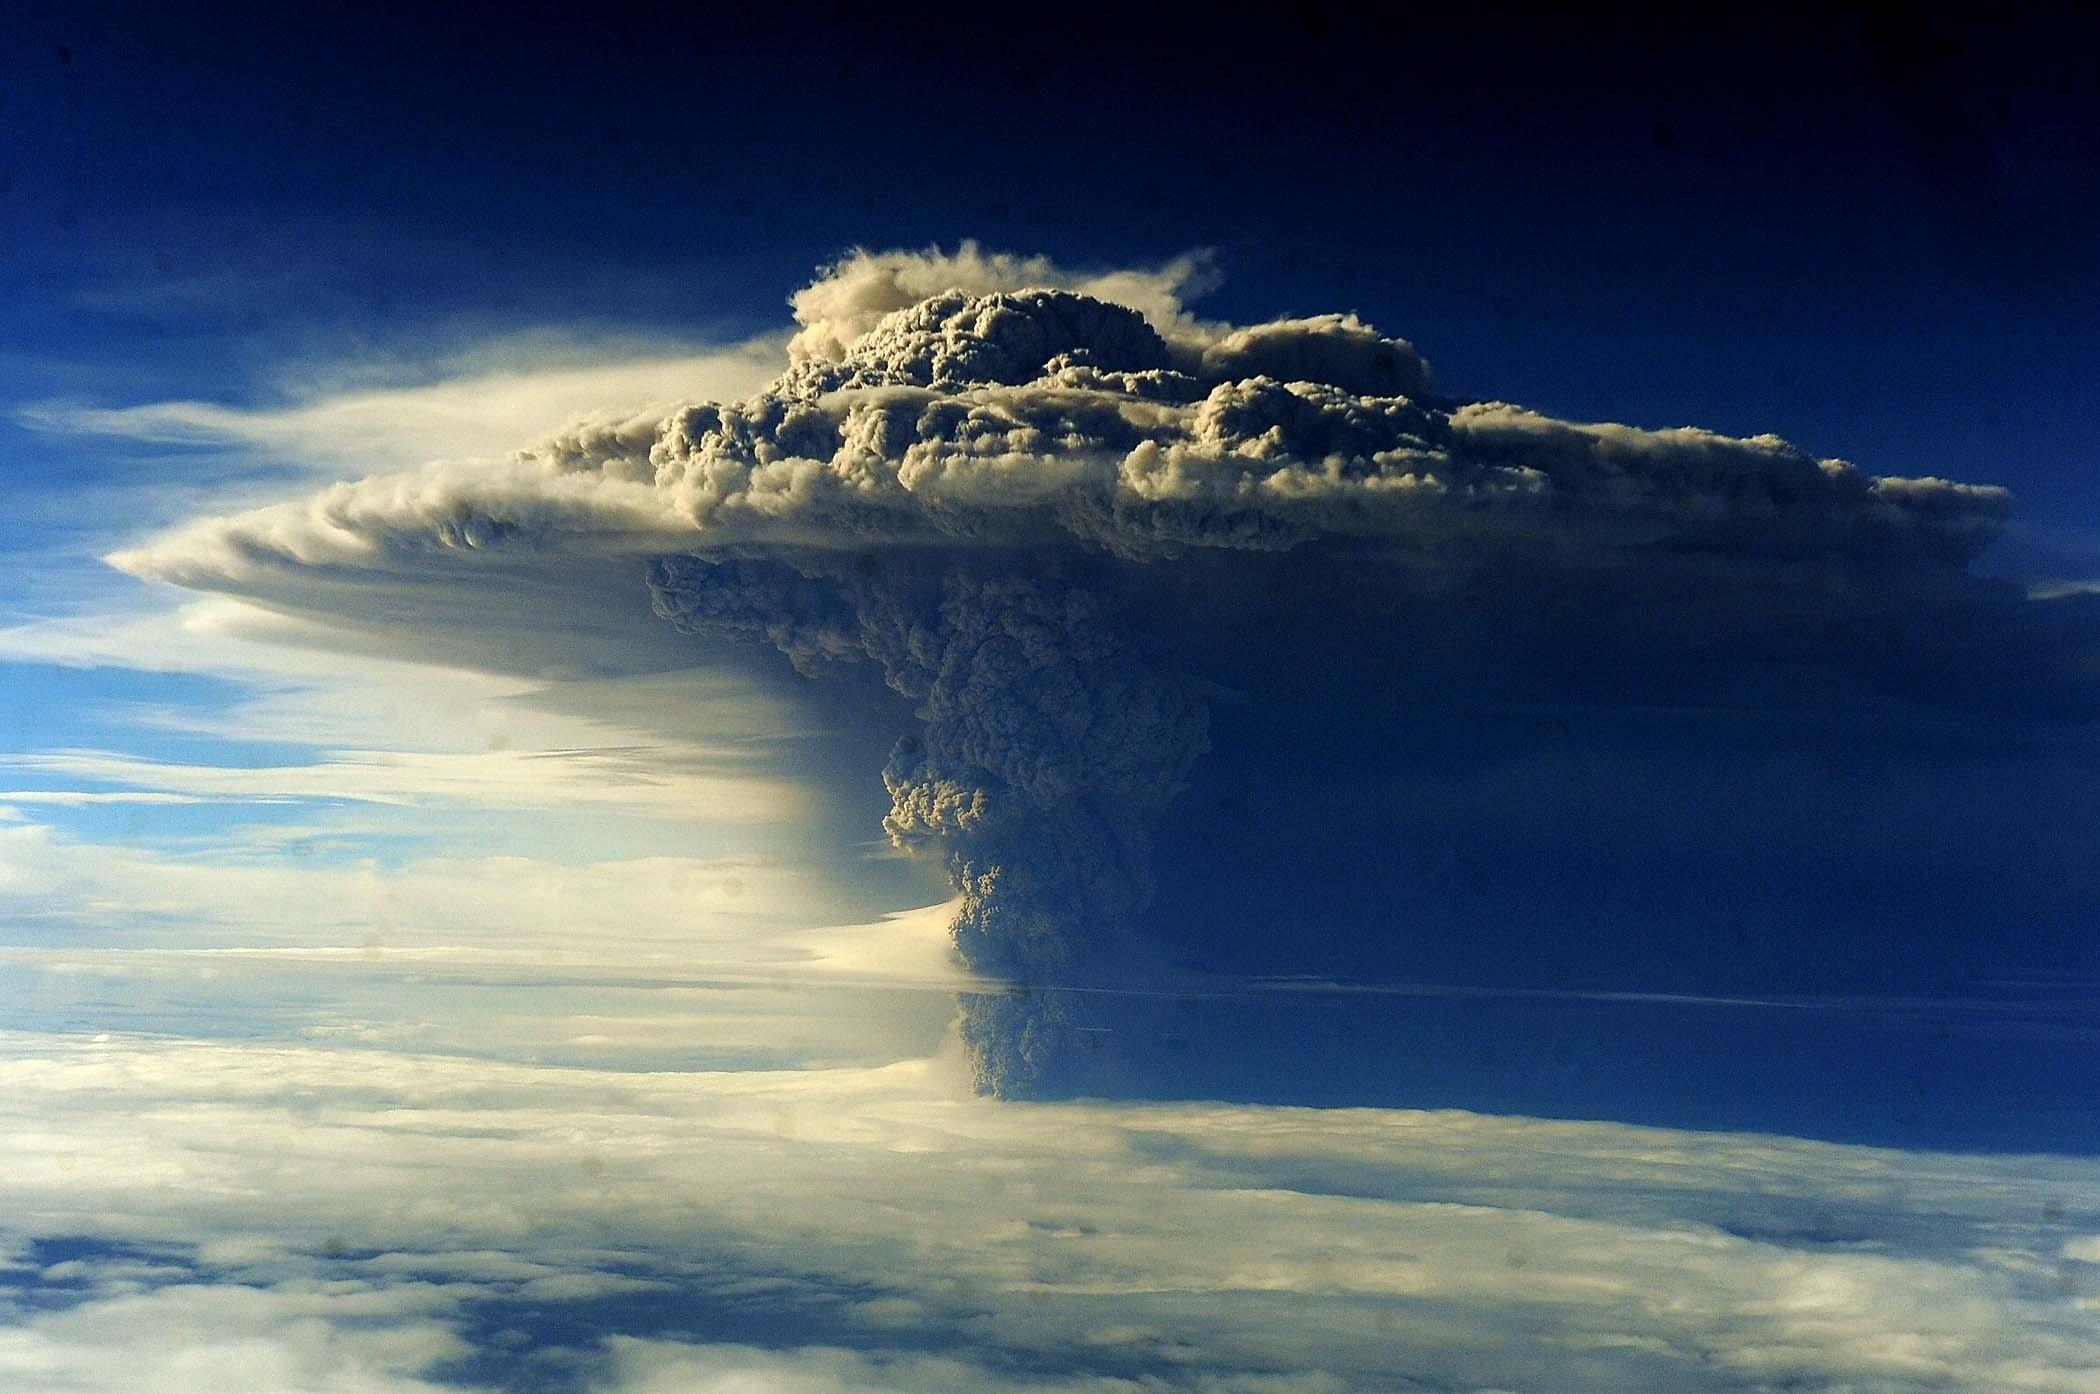 Rejs ku zagładzie, czyli nadchodzący konflikt nuklearny